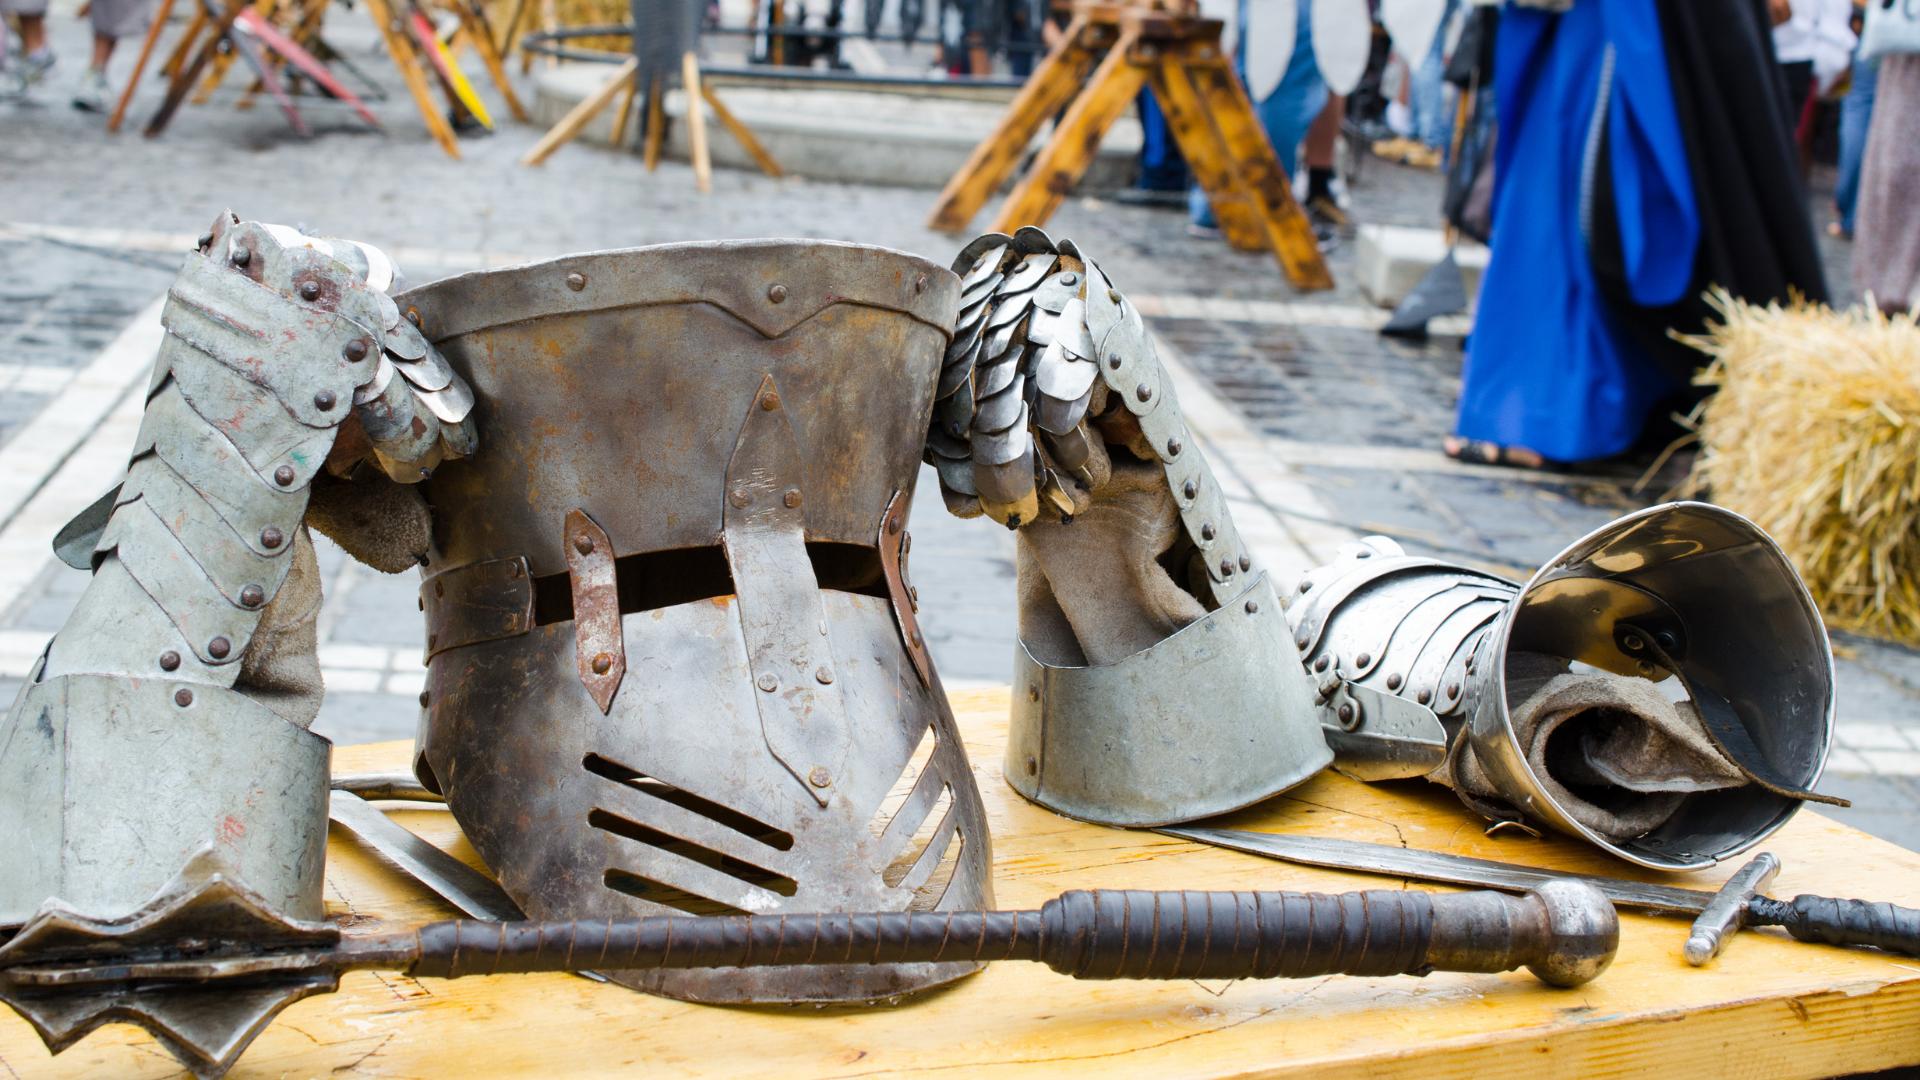 Activités août région PACA- Fête médiévale de Volonne